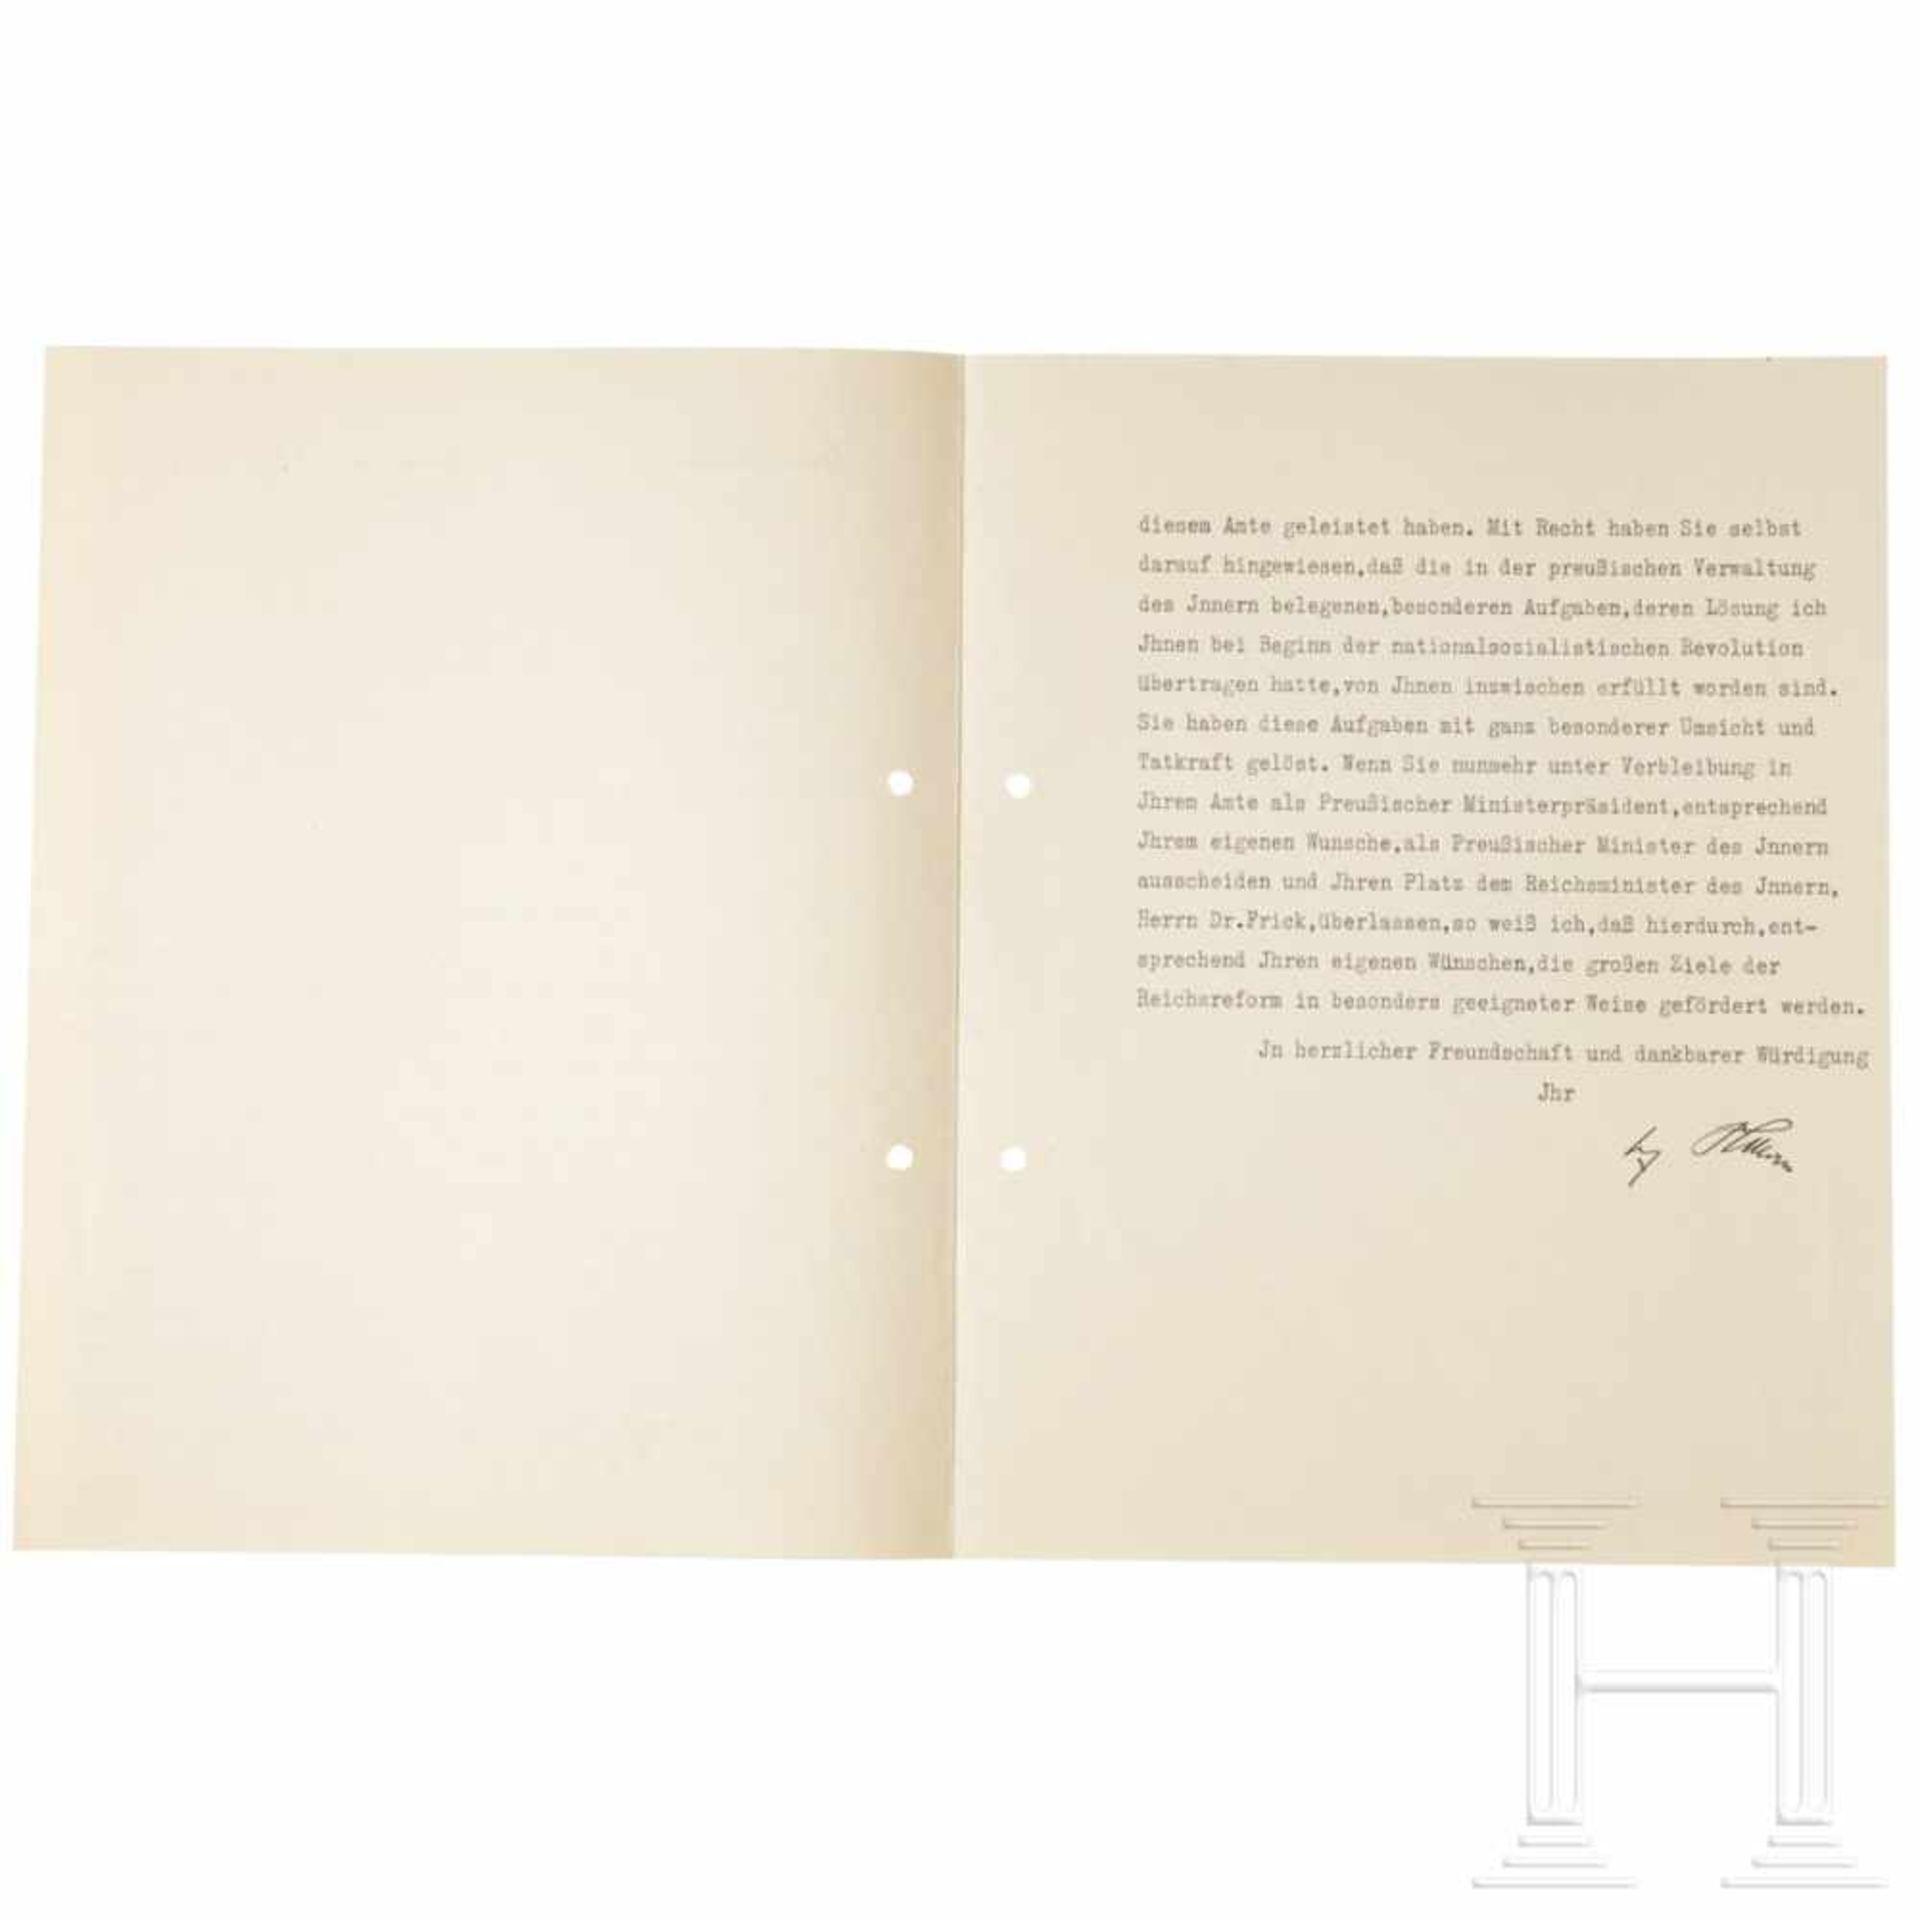 Los 6024 - Persönliches Übersendungsschreiben Hitlers für die Entlassungsurkunde Görings als Preußischer